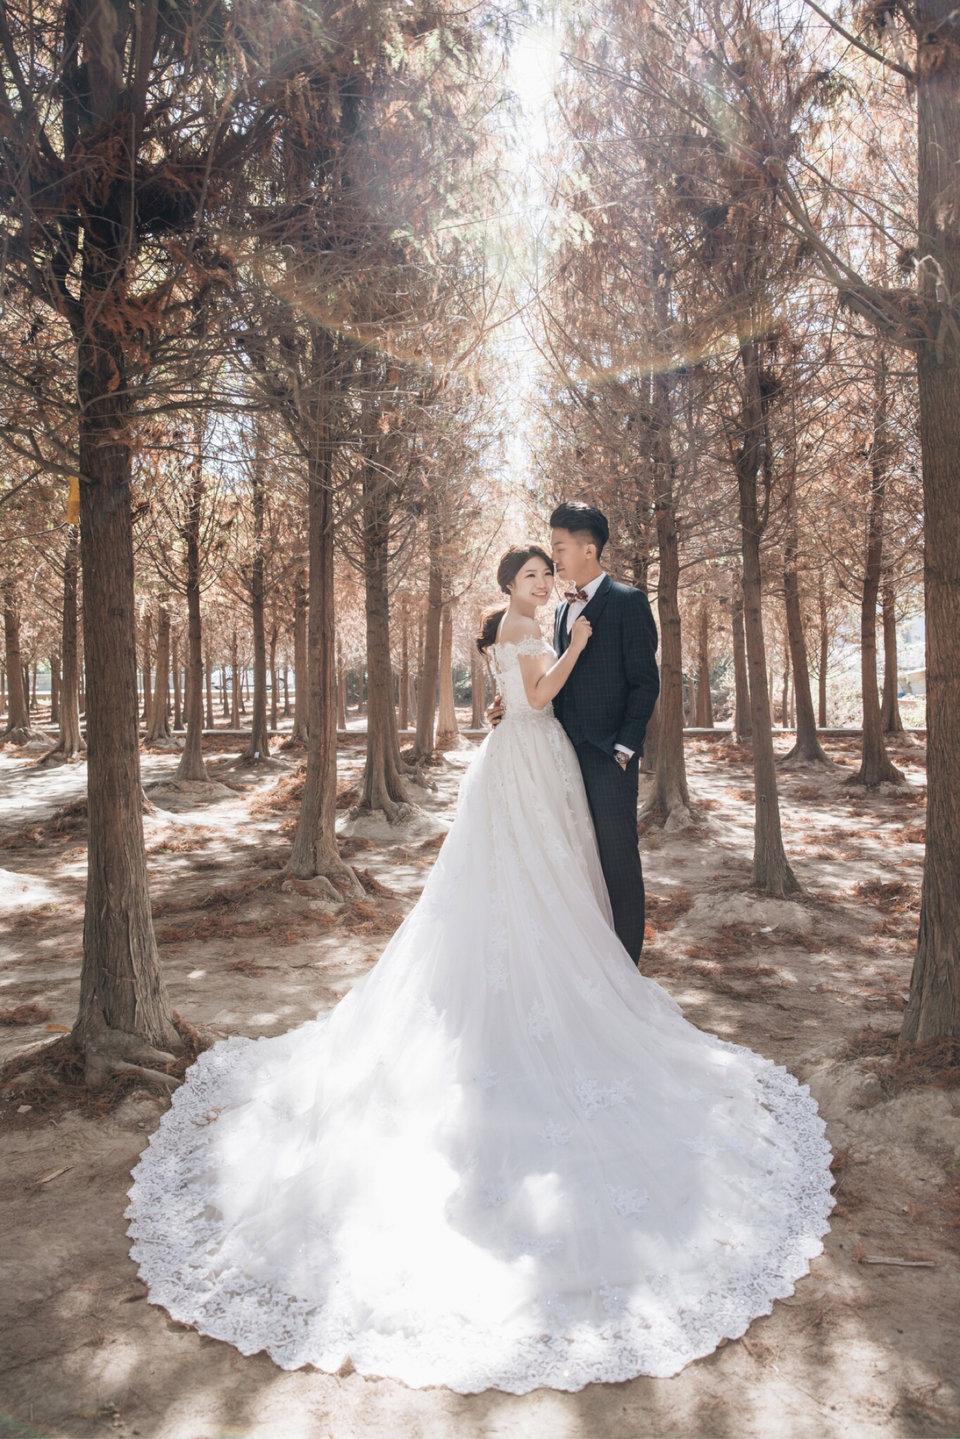 綿谷結婚式-台中店,唯一推薦~綿谷結婚式-台中店